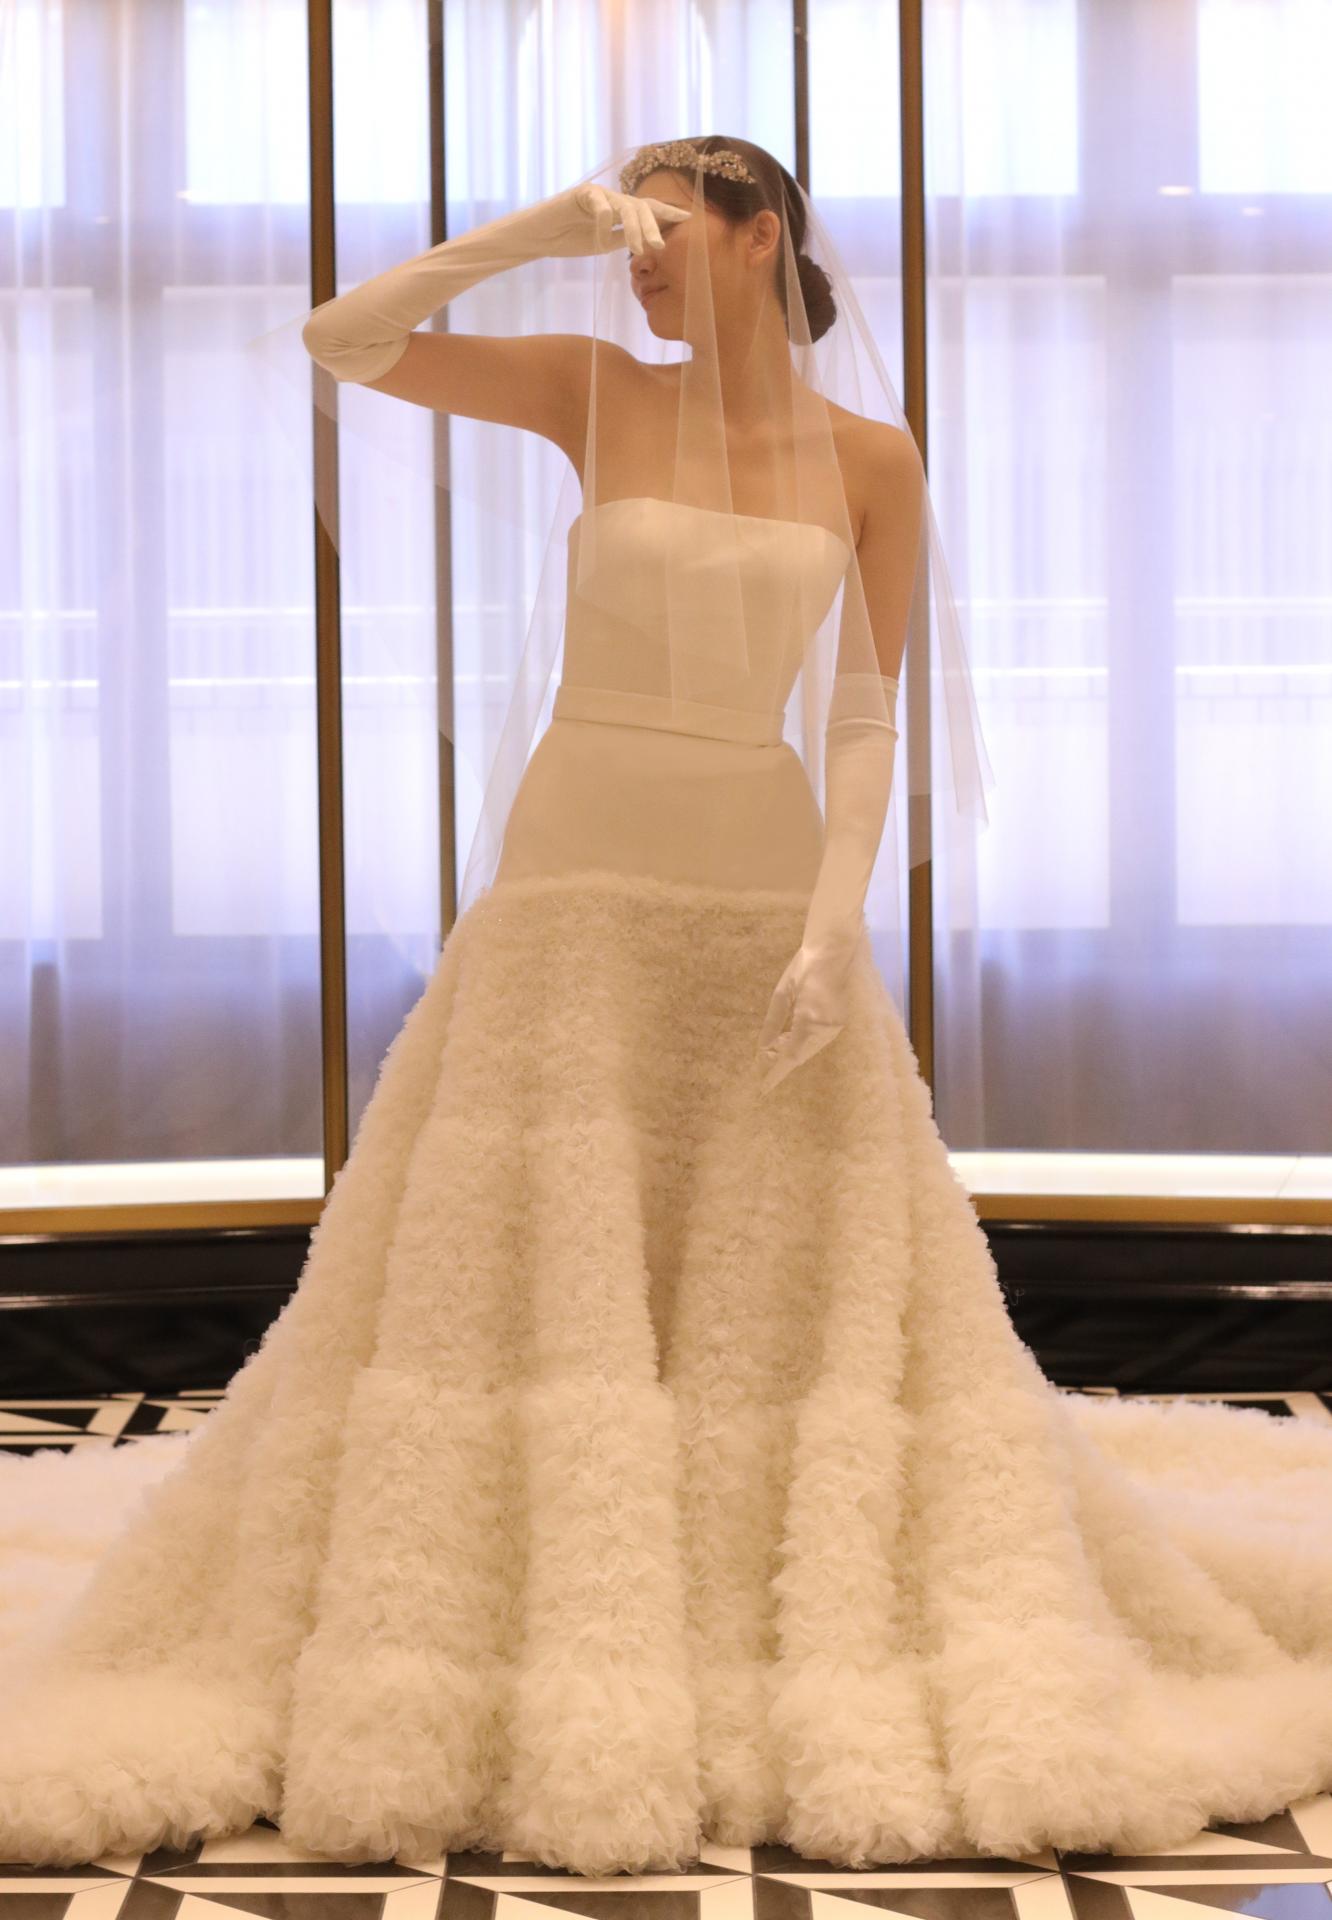 東京の人気ドレスショップ THETREATDRESSINGアディション店からご紹介させていただくのは、今注目のブランドヴィクター&ロルフマリアージュより存在感のあるロングトーレンと異素材の組み合わせが特徴のウェディングドレスです